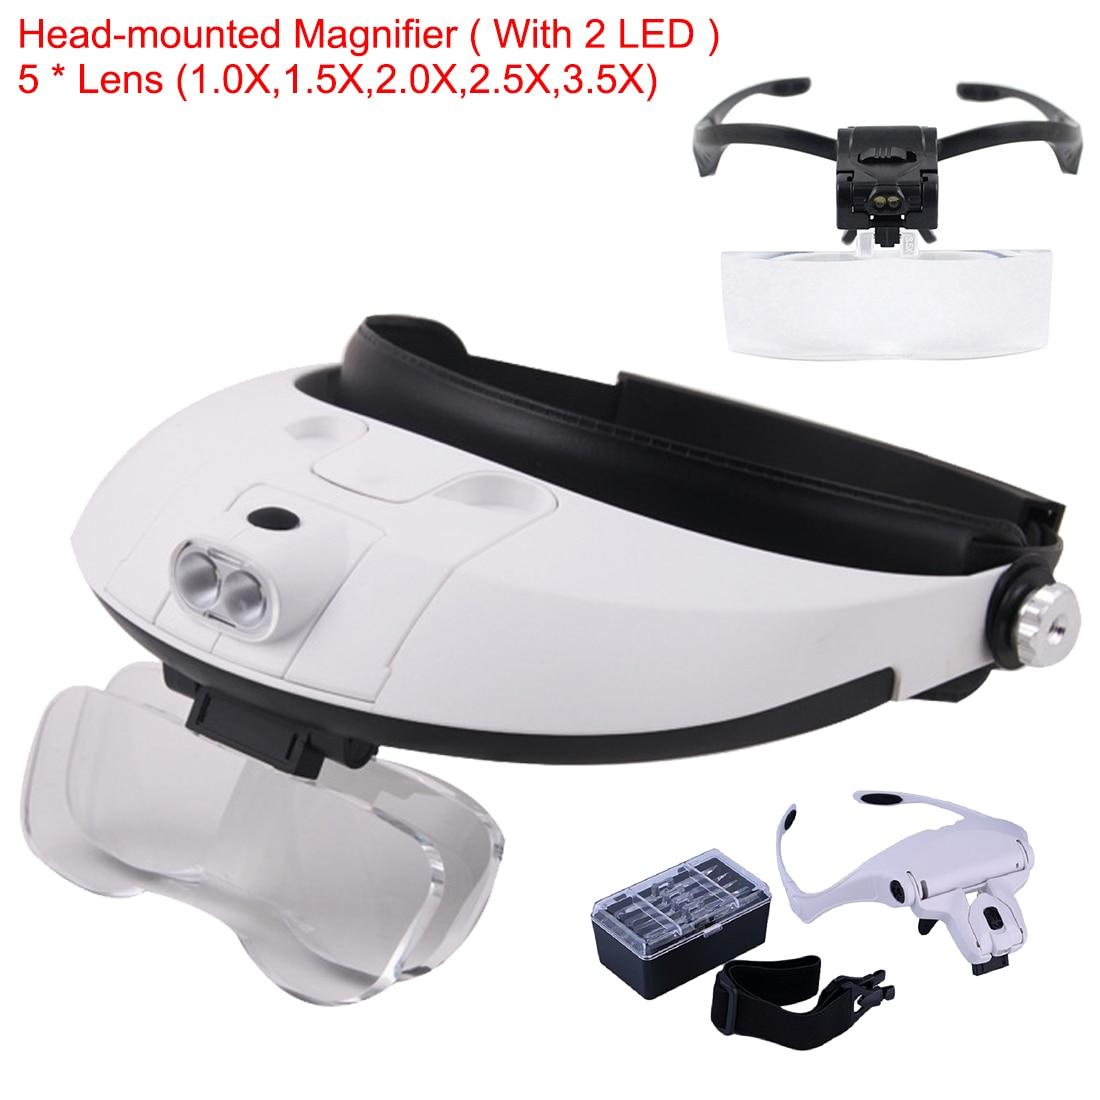 Cinta para la cabeza lupa de reparación de ojos lupa 2 luces LED 1,0/1,5/2,0/2,5/3.5X 5PC gafas lupa lente óptica para herramienta de reparación